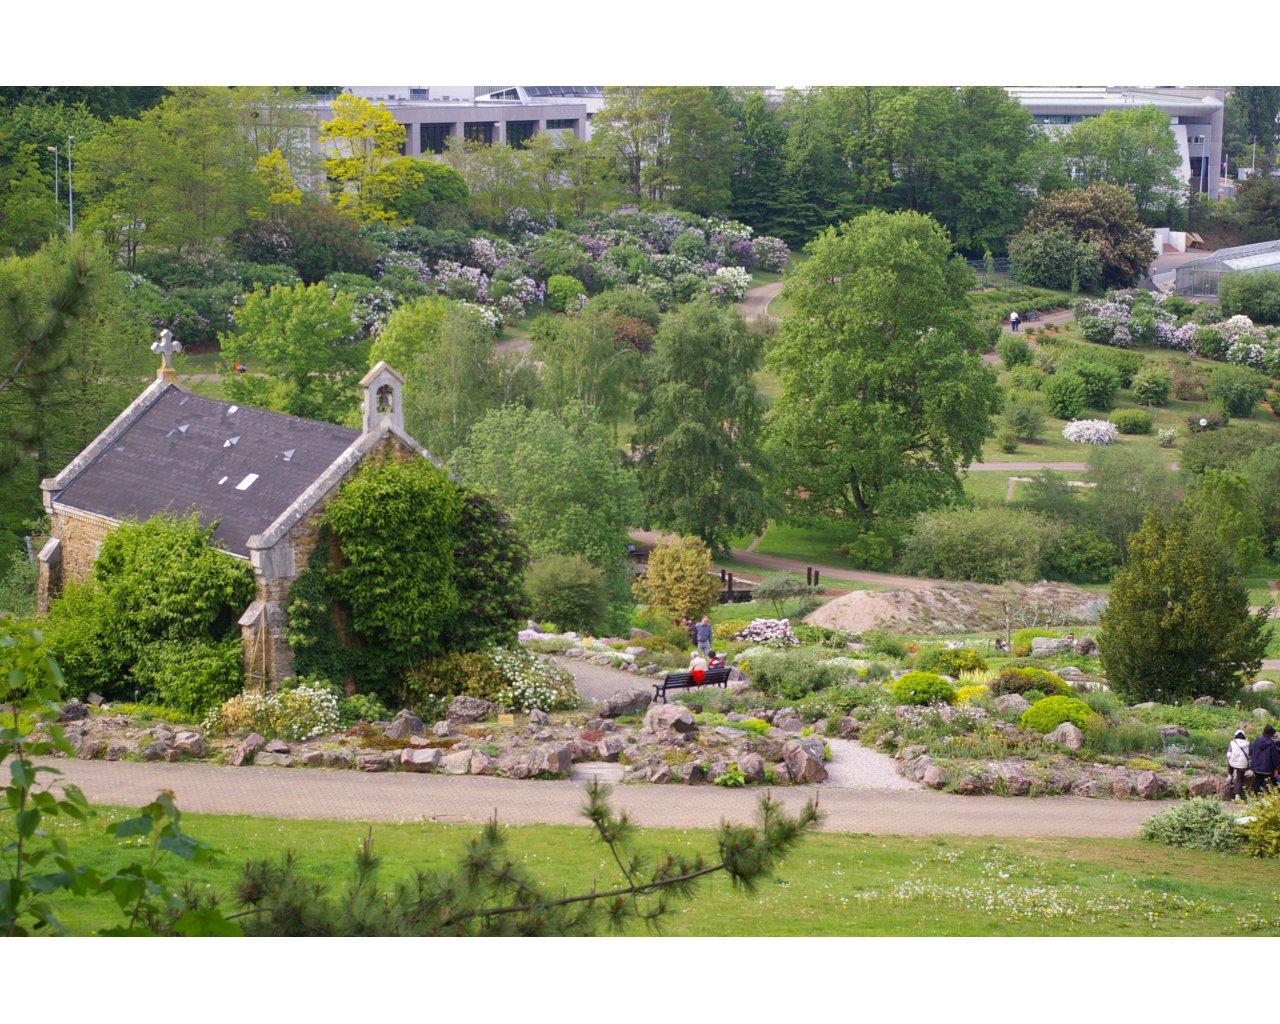 Jardin Botanique Jean Marie Pelt Carte Interactive Des Lieux A